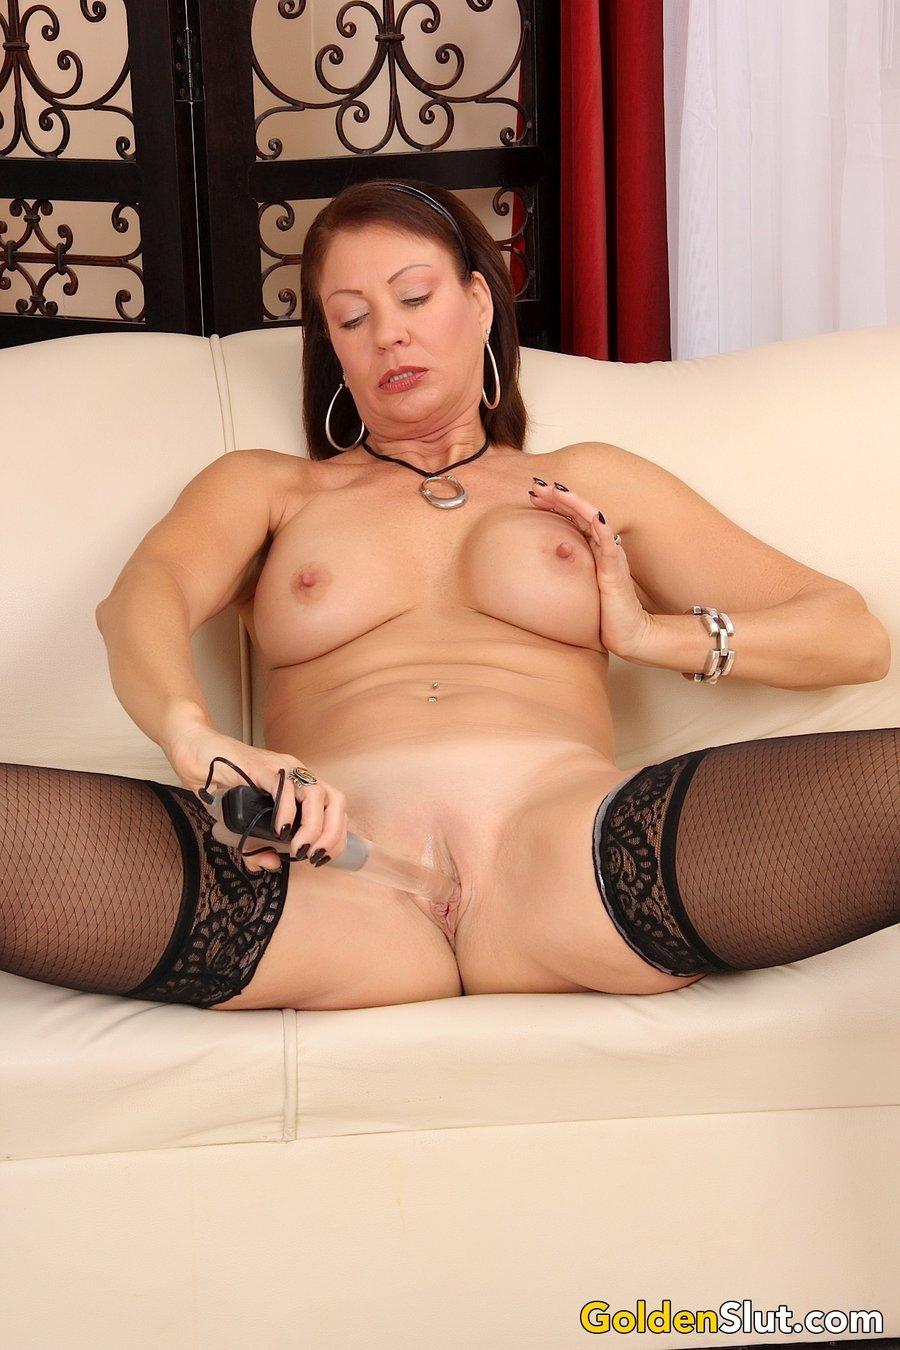 Big tits mom pics 444